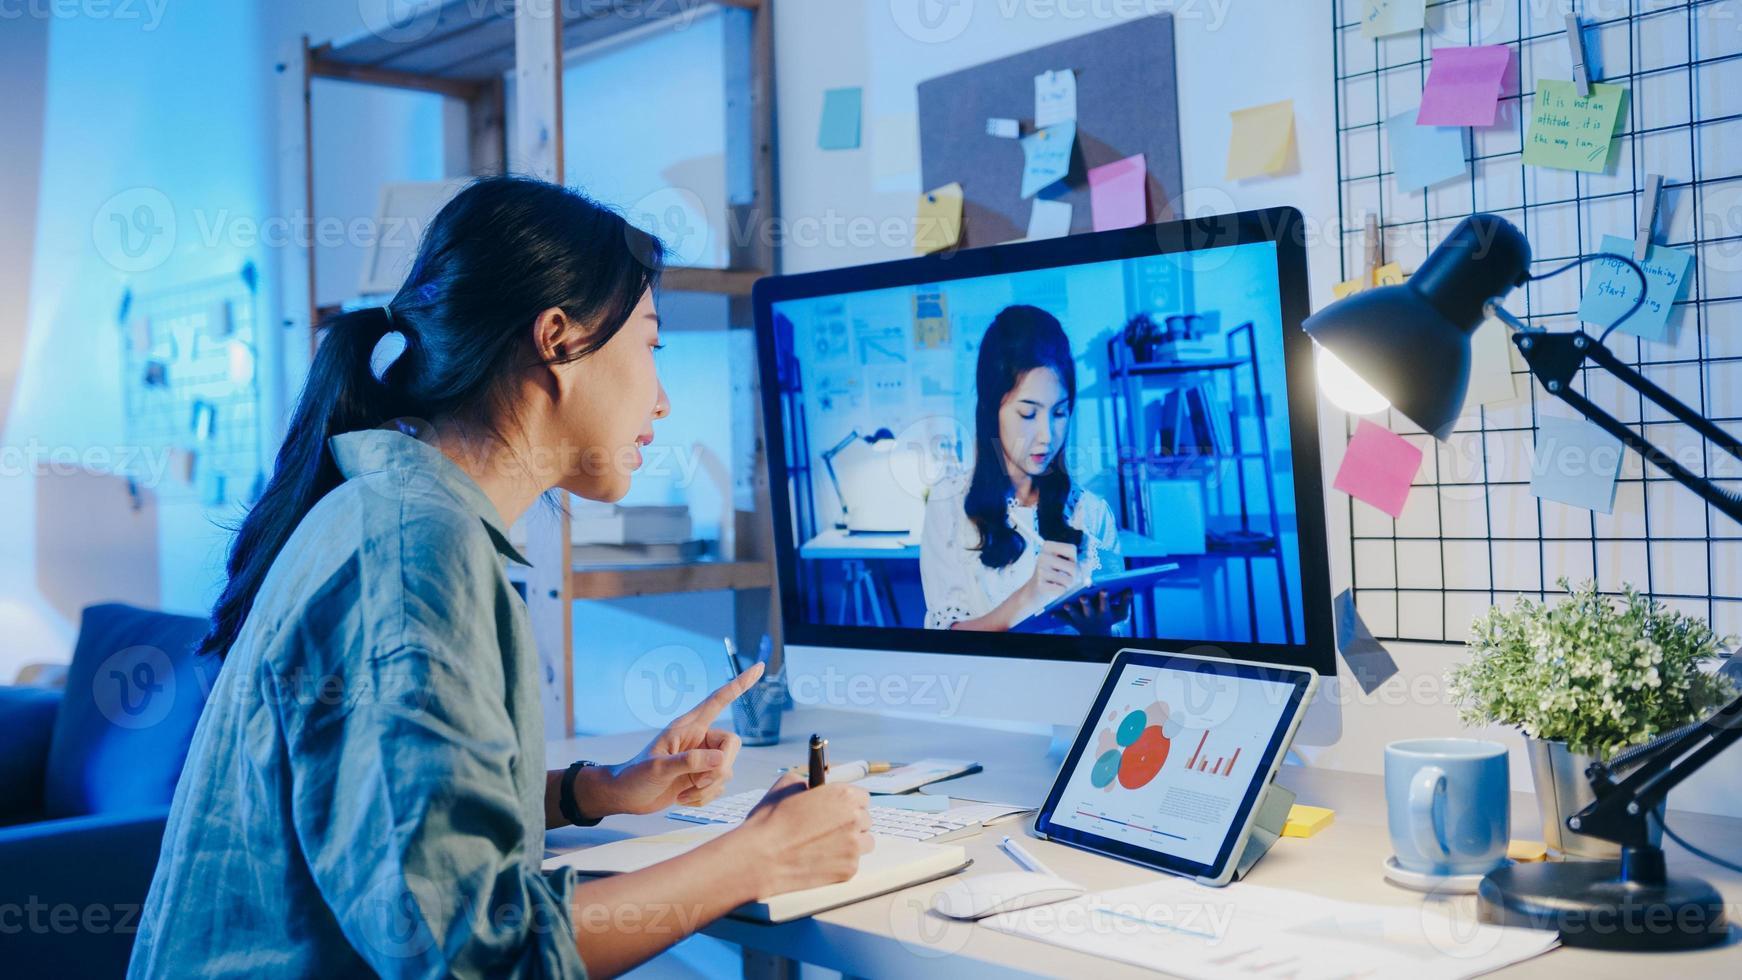 asiatisk affärskvinna som använder skrivbordssamtal med kollegor om planering i videosamtalsmöte i vardagsrummet. arbeta från huset överbelastning på natten, distansarbete, social distansering, karantän för coronavirus. foto